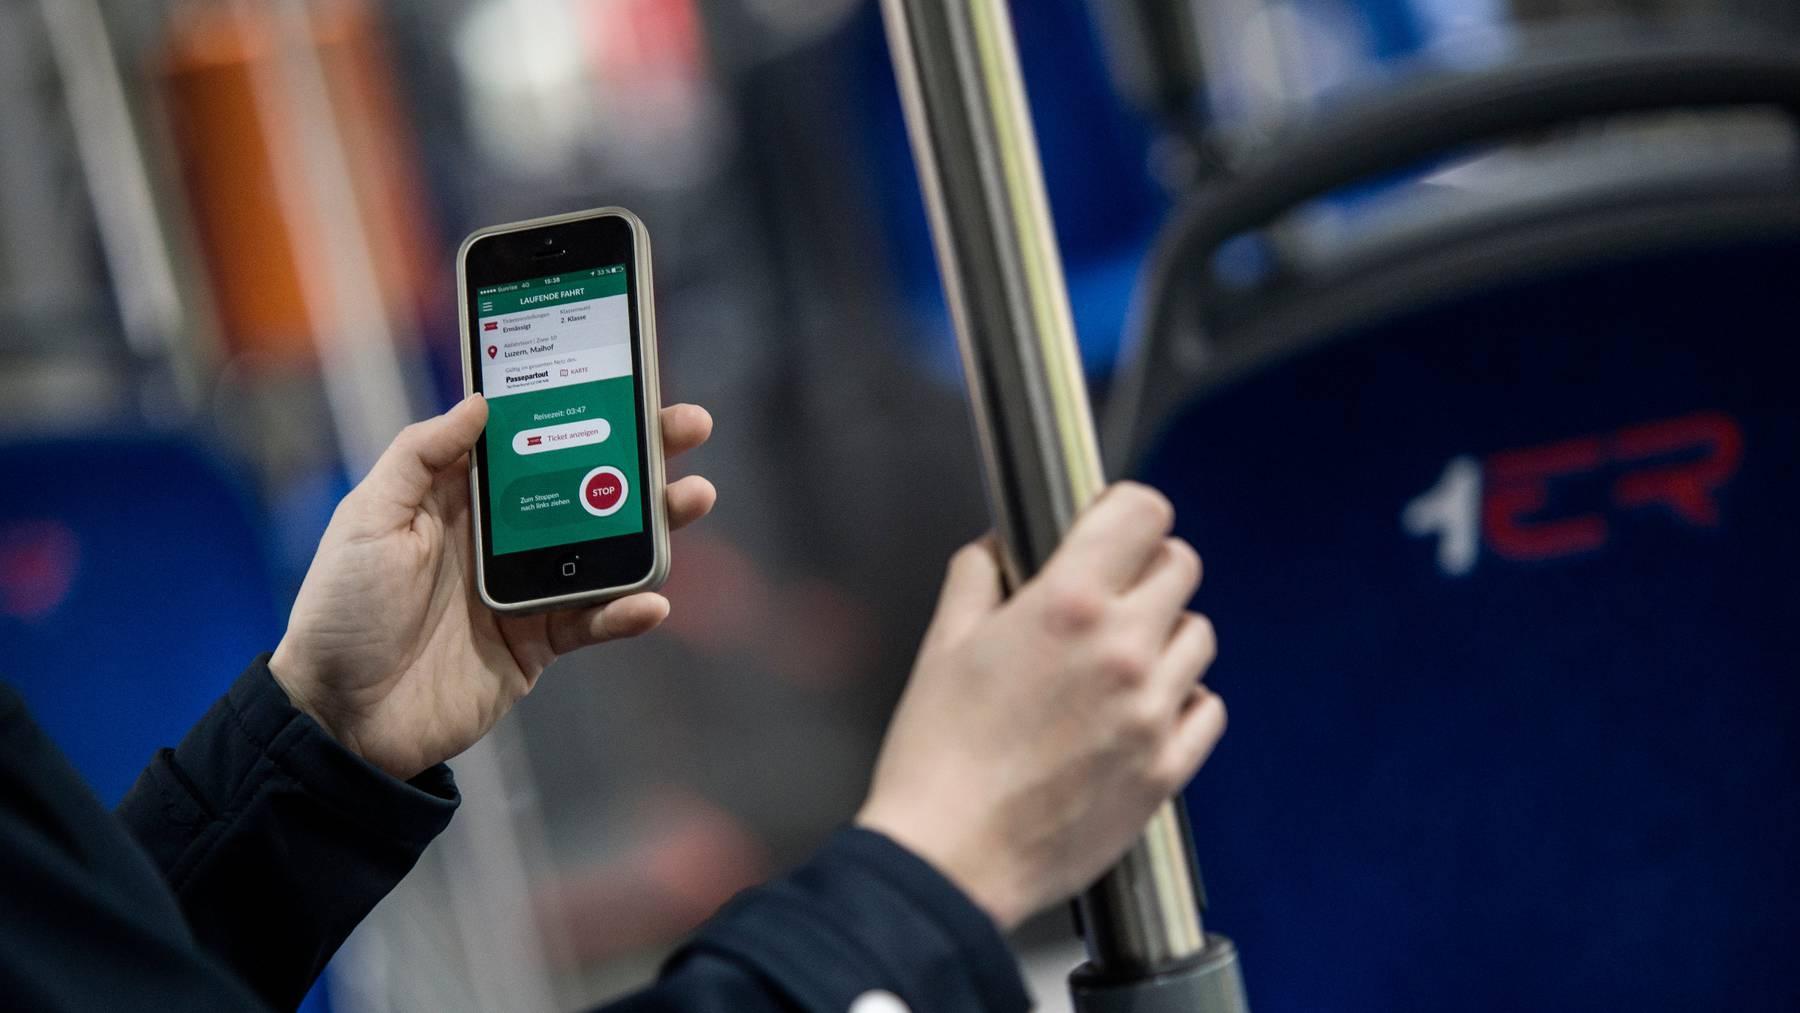 Das automatische Ticketing soll ermöglichen, dass die Kunden den niedrigsten Preis für die gefahrene Strecke bezahlen.